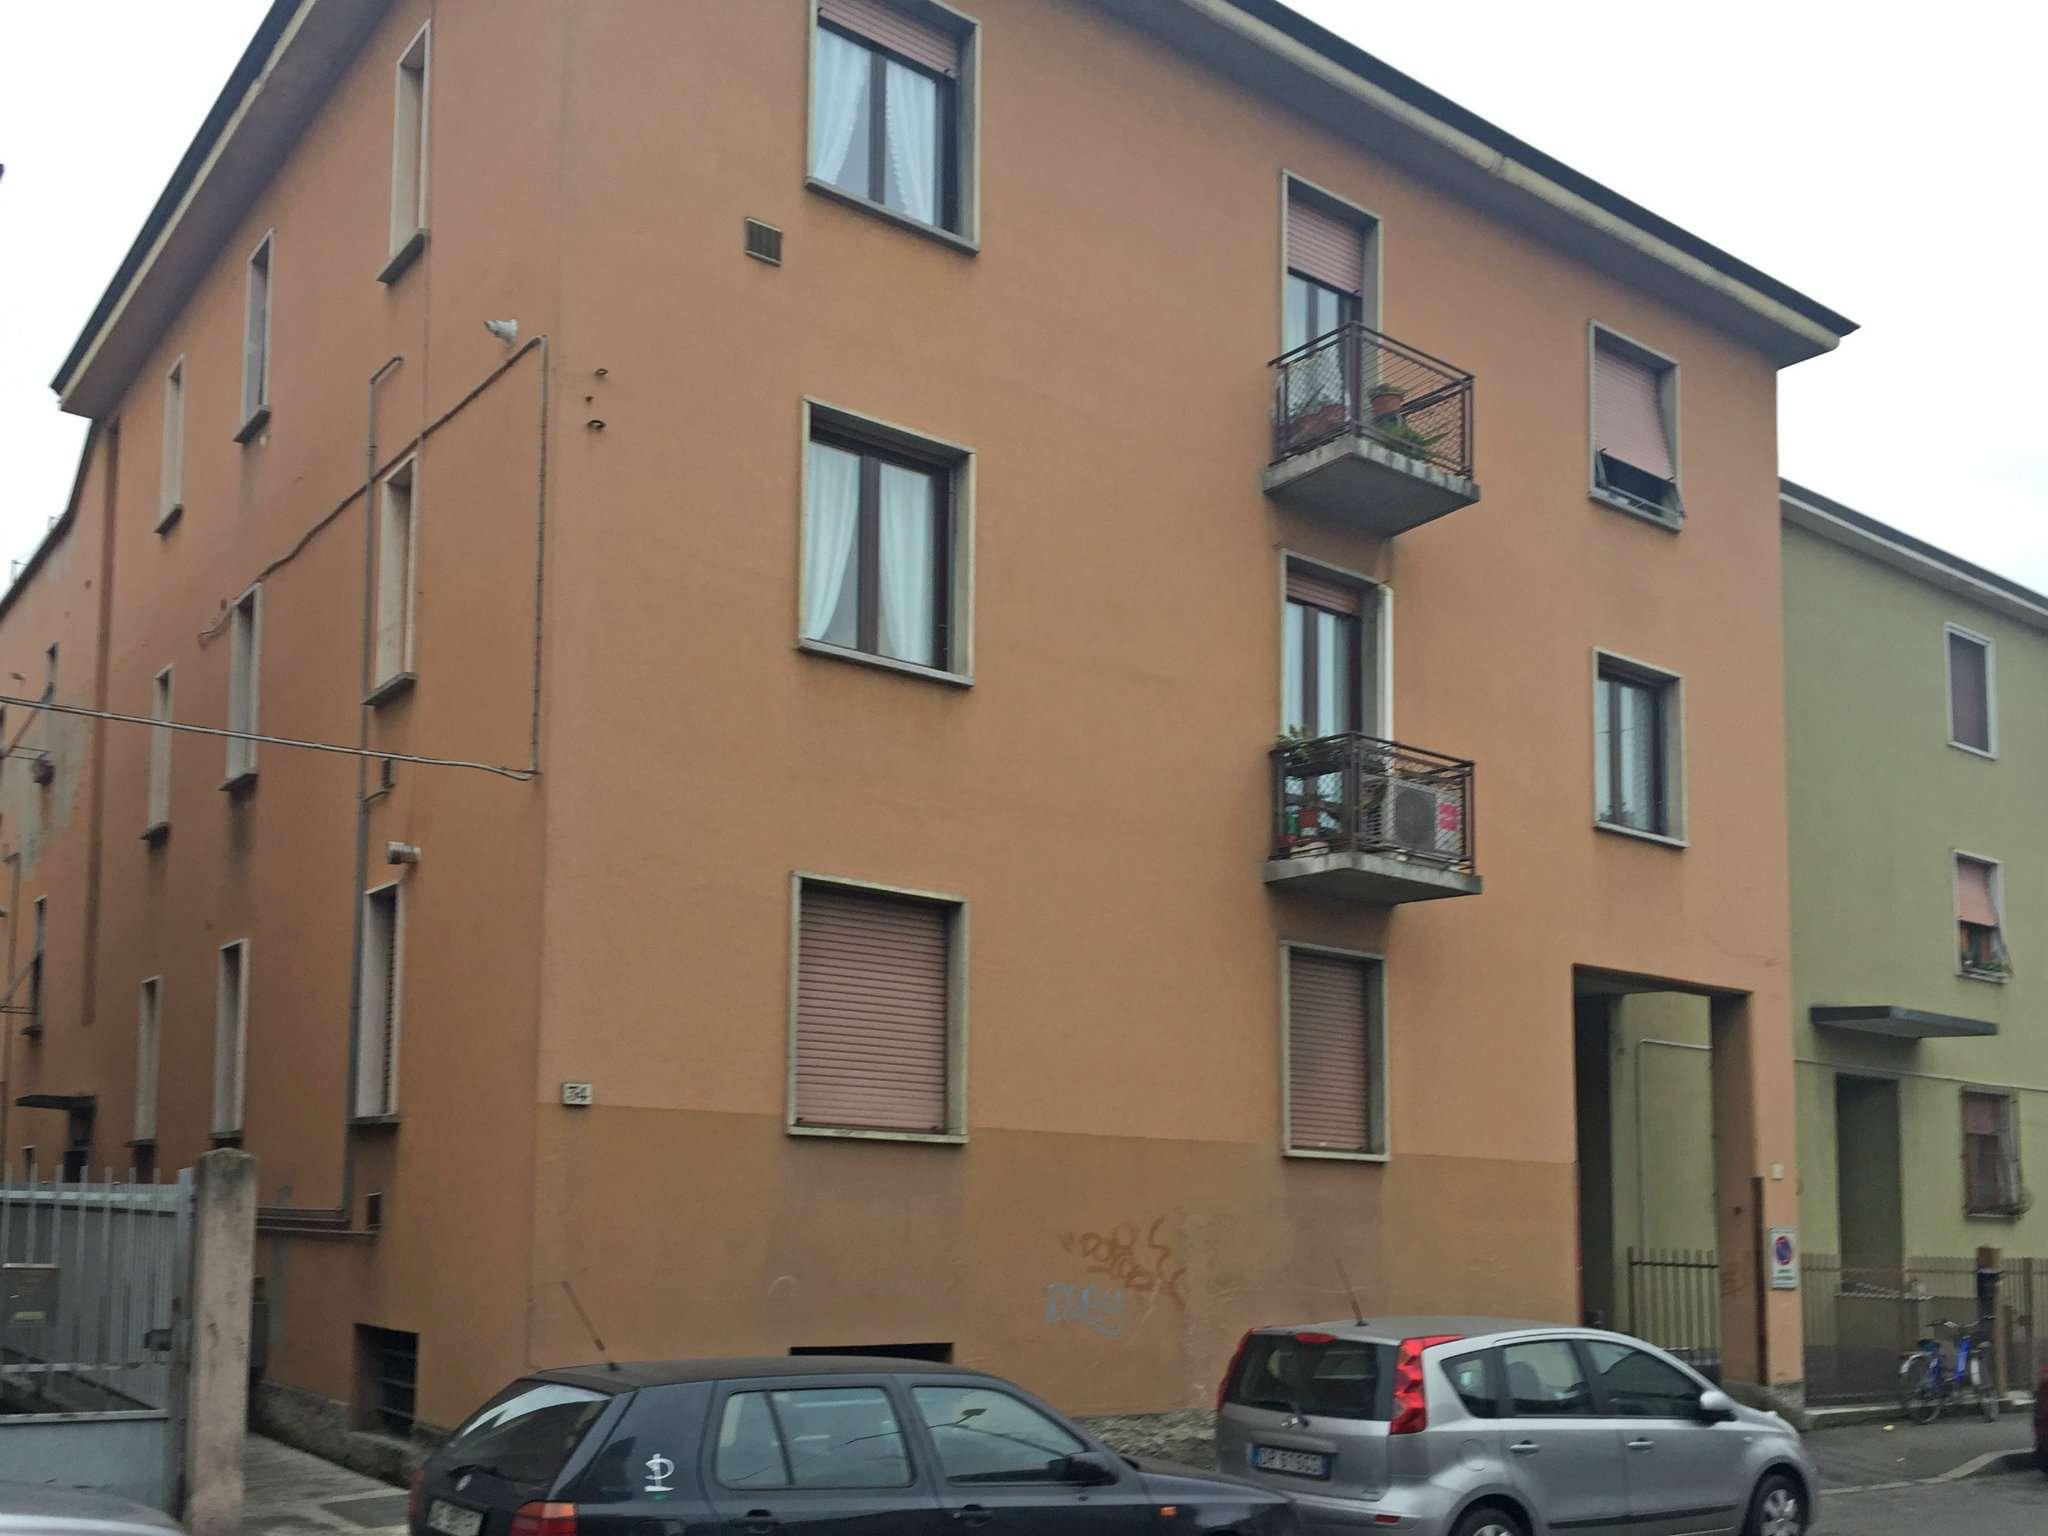 Attico / Mansarda in vendita a Bresso, 1 locali, prezzo € 35.000 | Cambio Casa.it